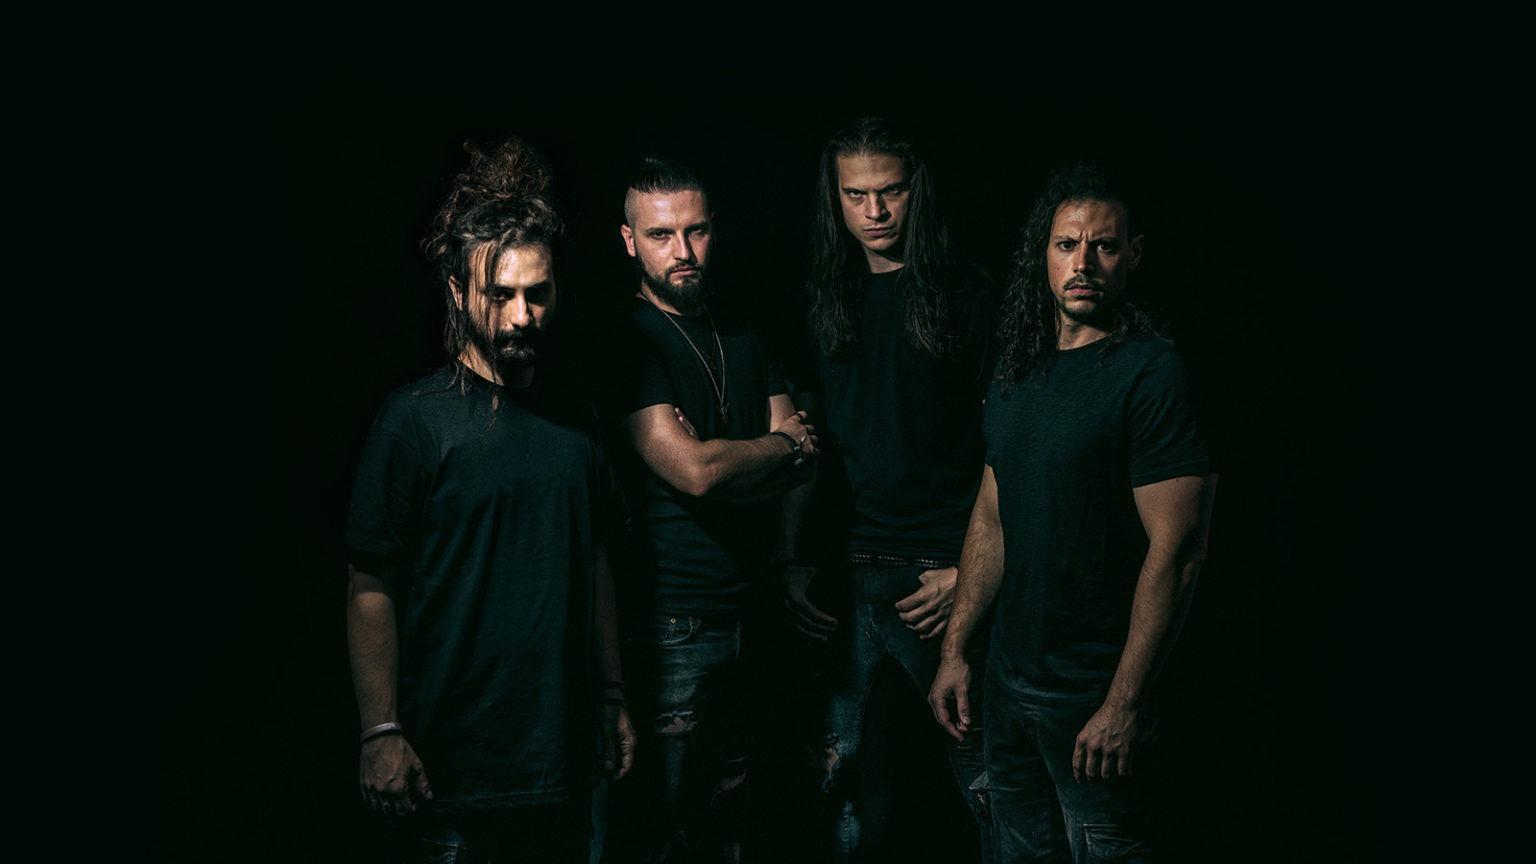 """GENUS ORDINIS DEI: tutto sul nuovo album """"Glare of Deliverance"""" e due video"""